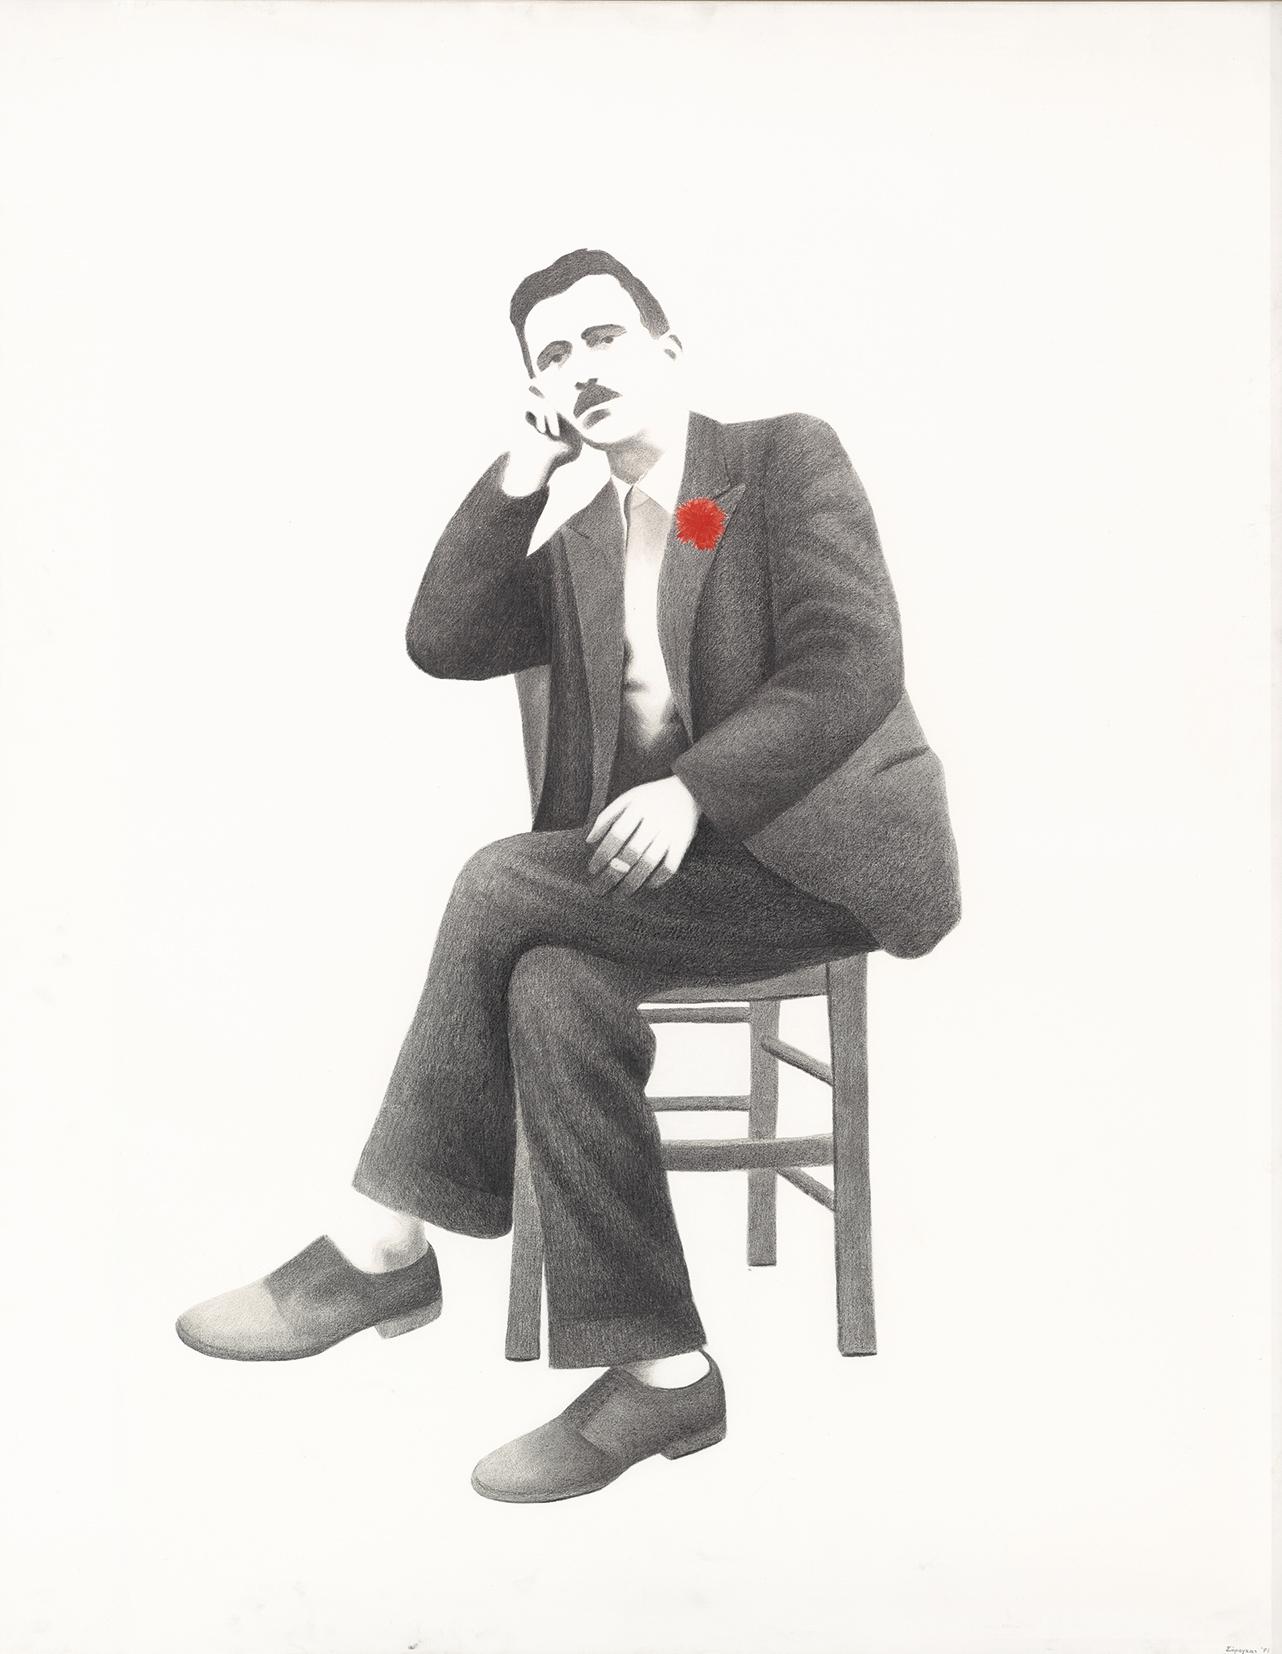 Καθιστός άνδρας [τρίπτυχο, μέρος Α], 1971, ακρυλικό και κάρβουνο σε καμβά, 162Χ130 εκ.